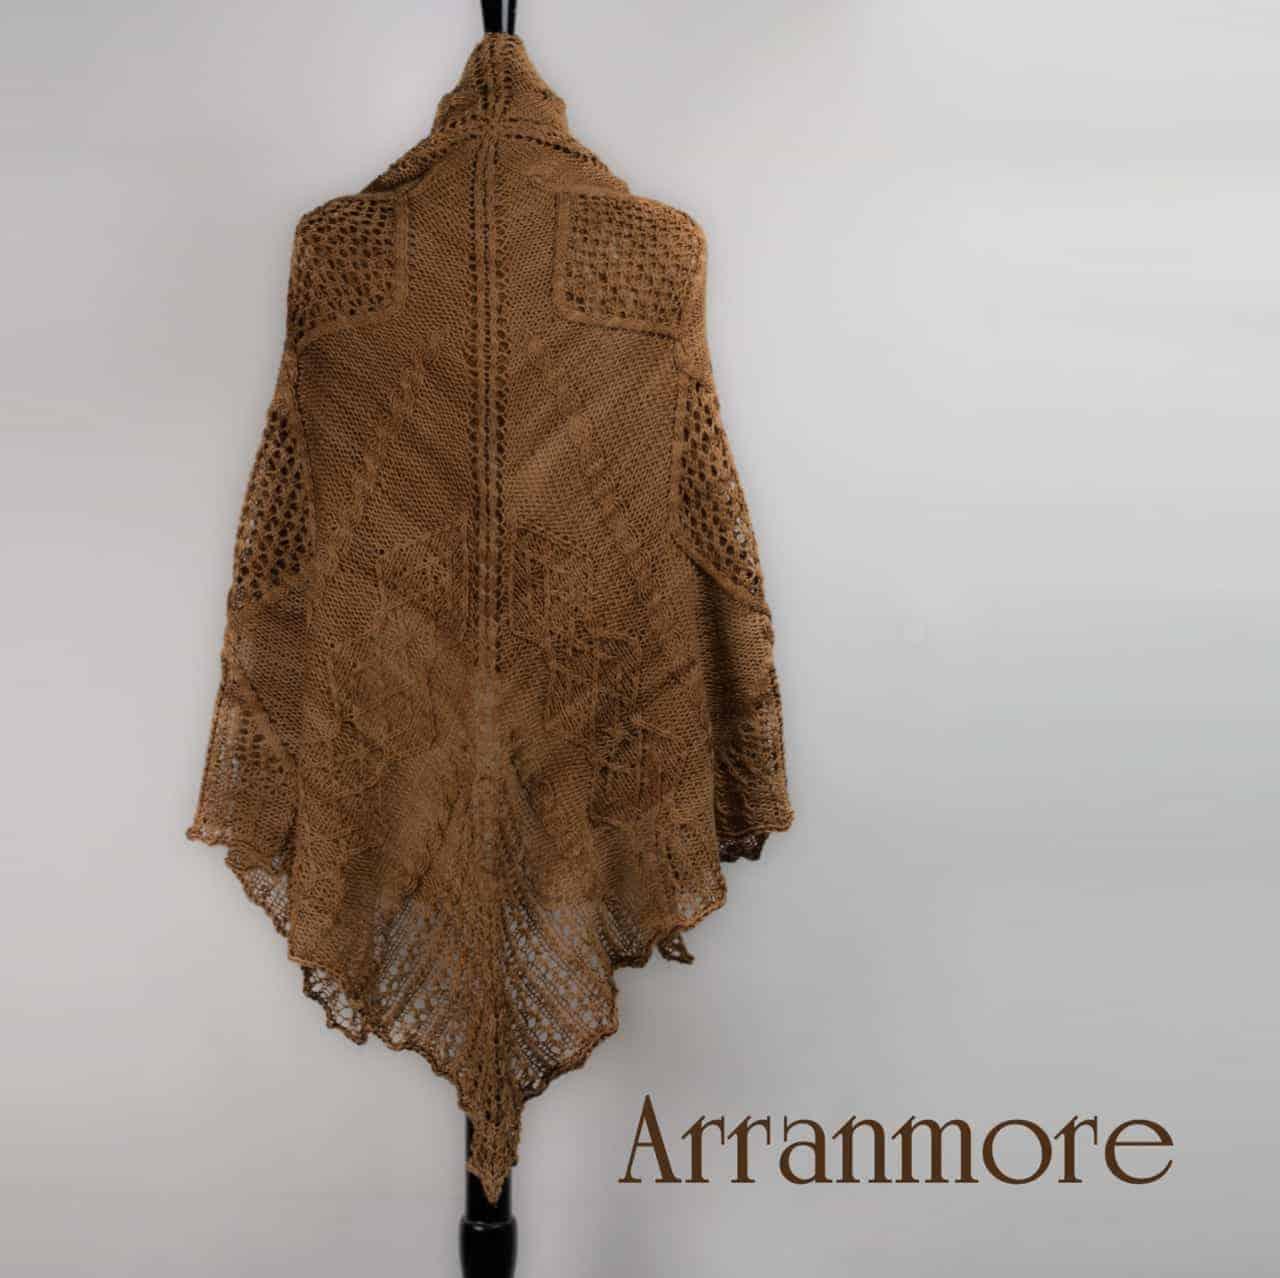 Arranmore Square Kit